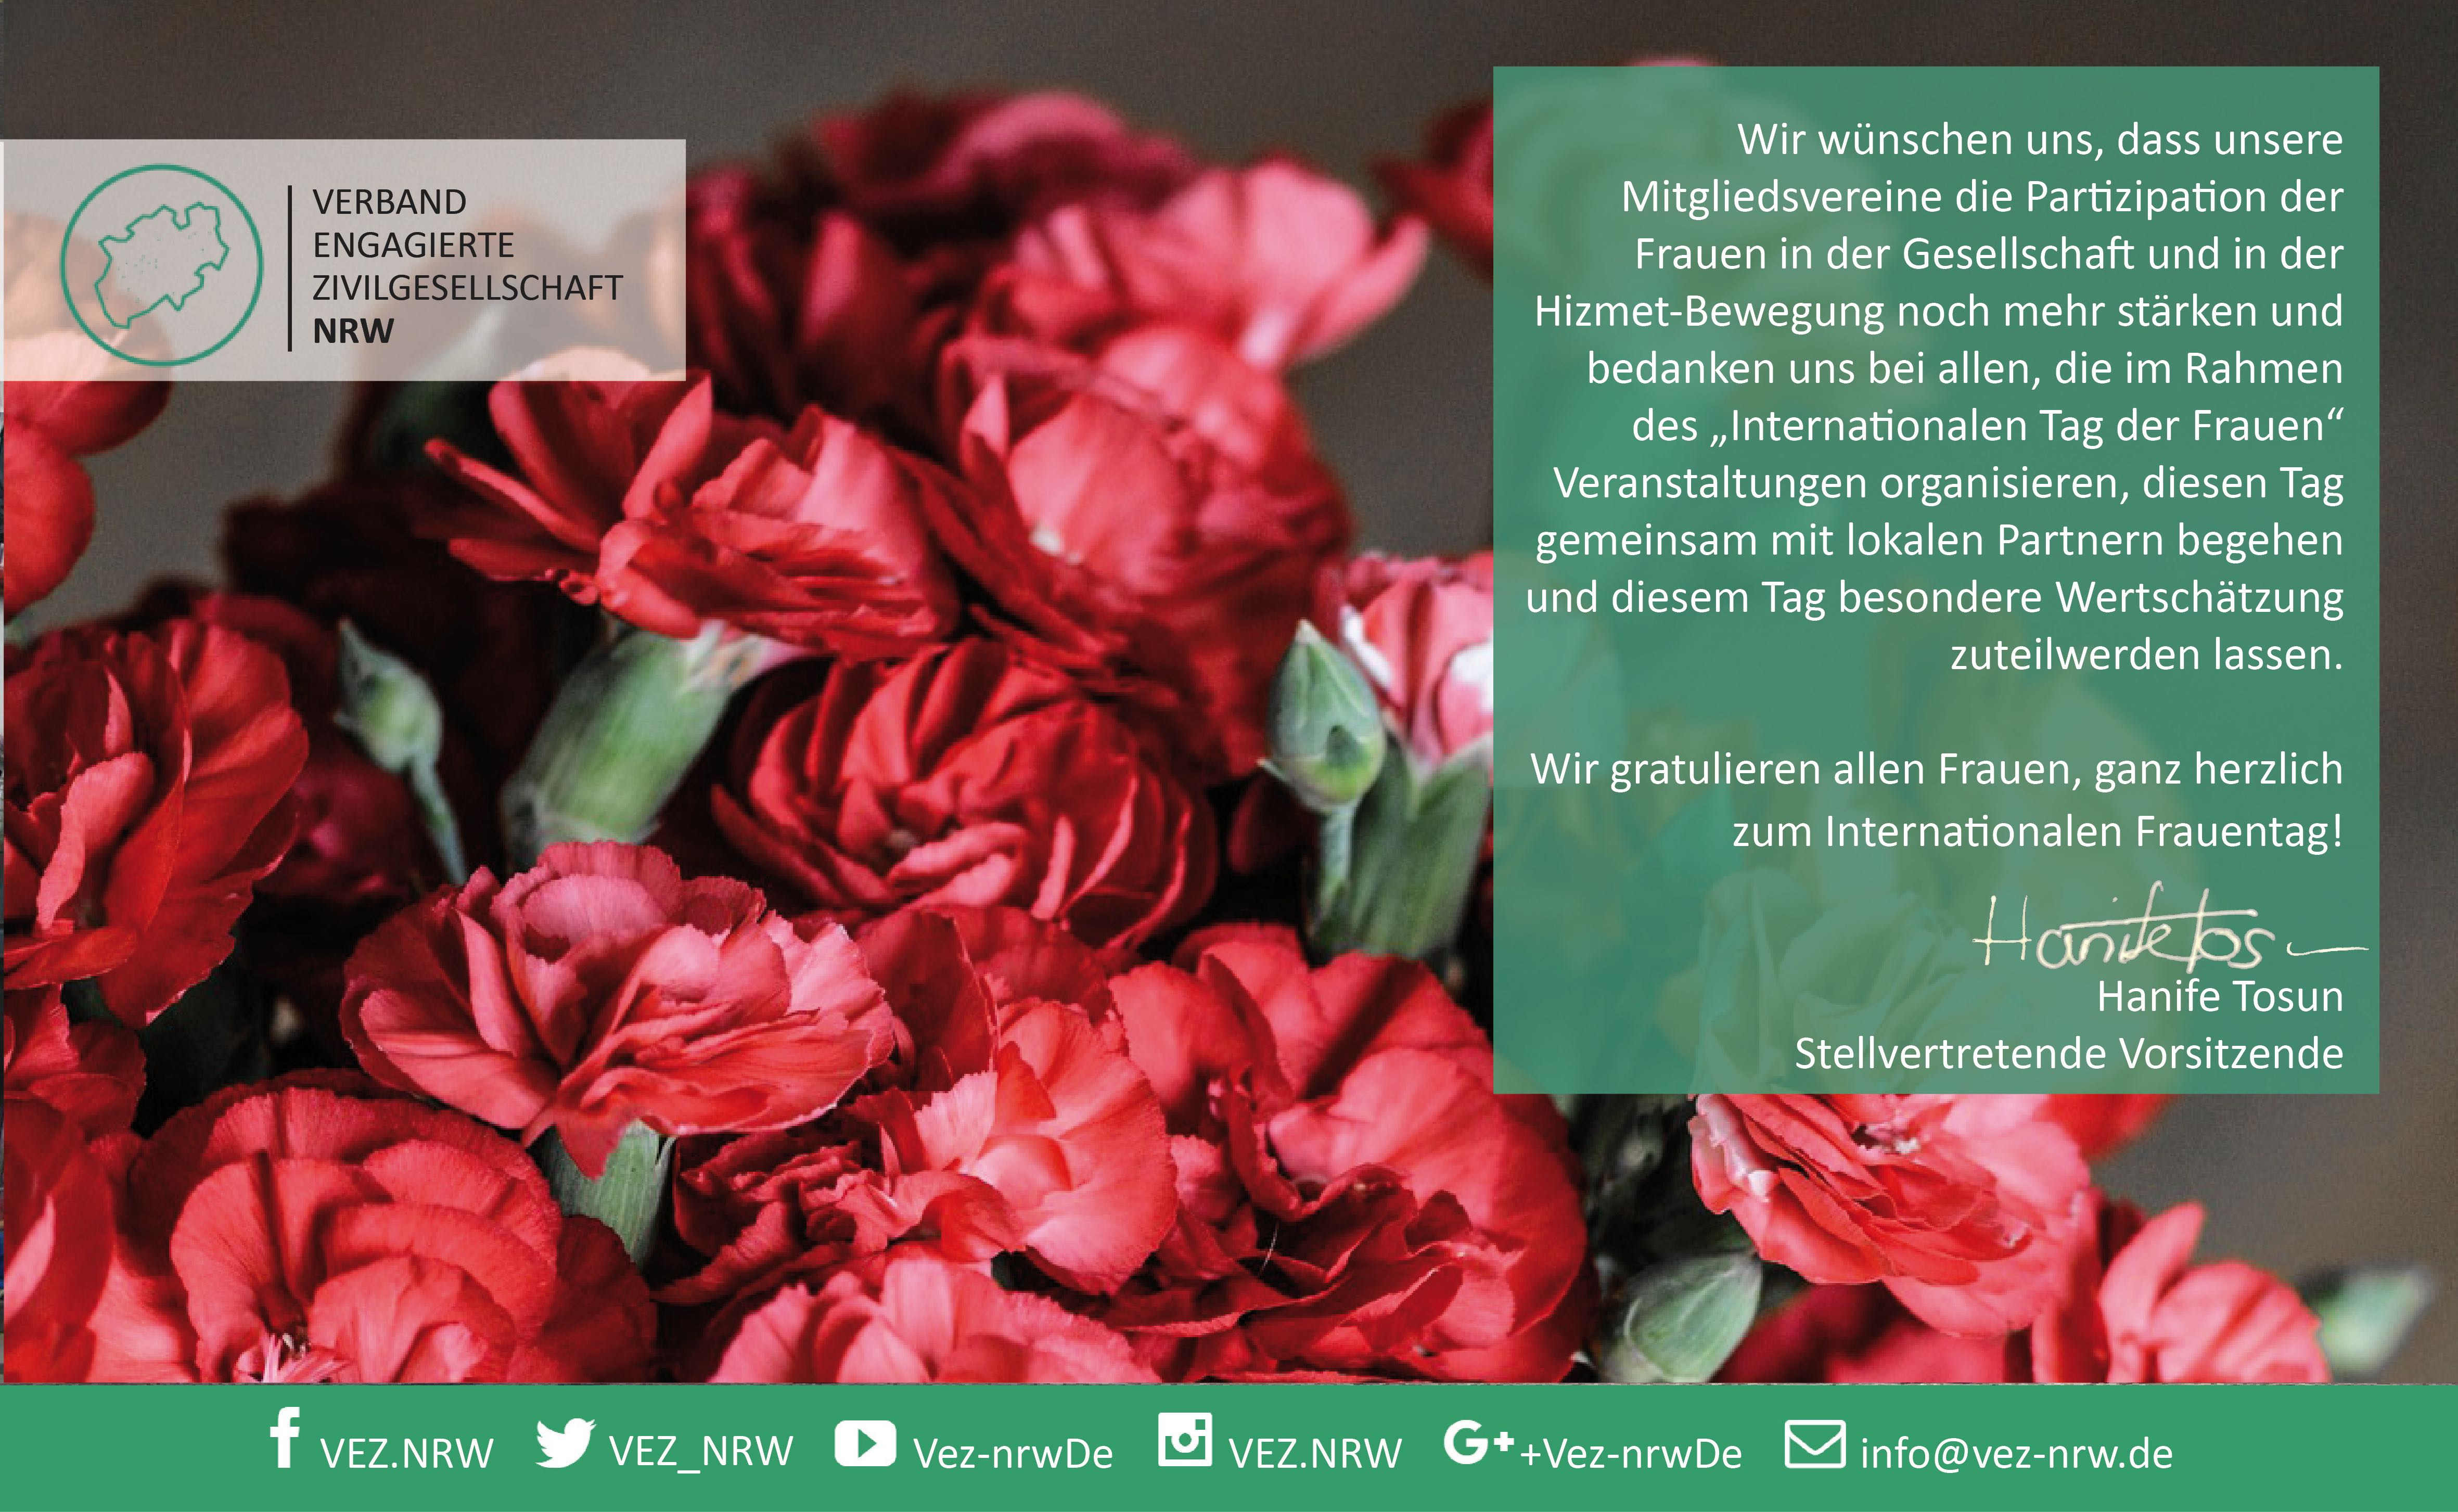 Ein Bild mit einer Botschaft anlässlich zum Weltfrauentag.